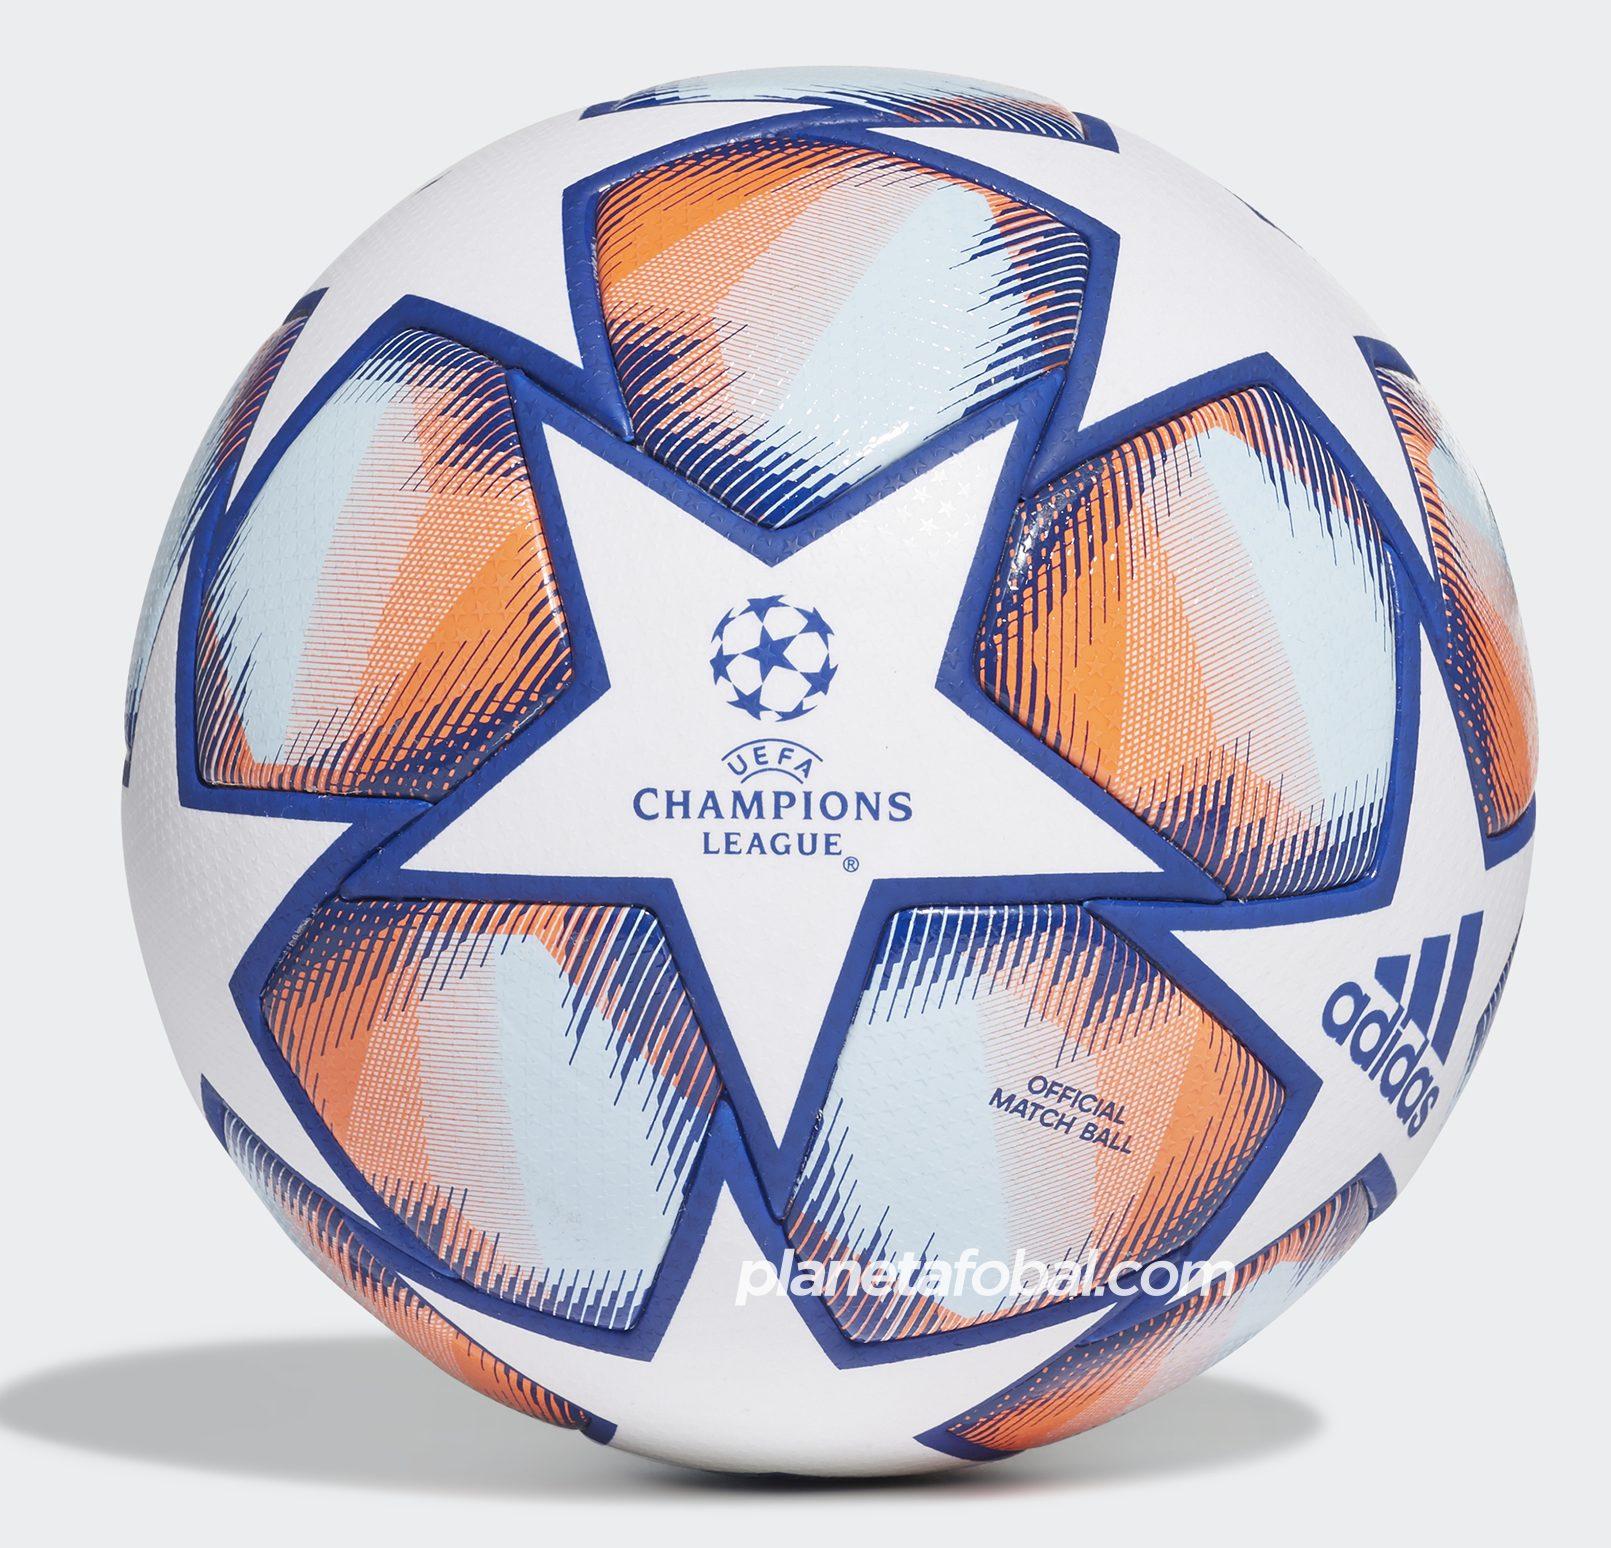 Balón oficial UEFA Champions League 2020/21 | Imagen adidas